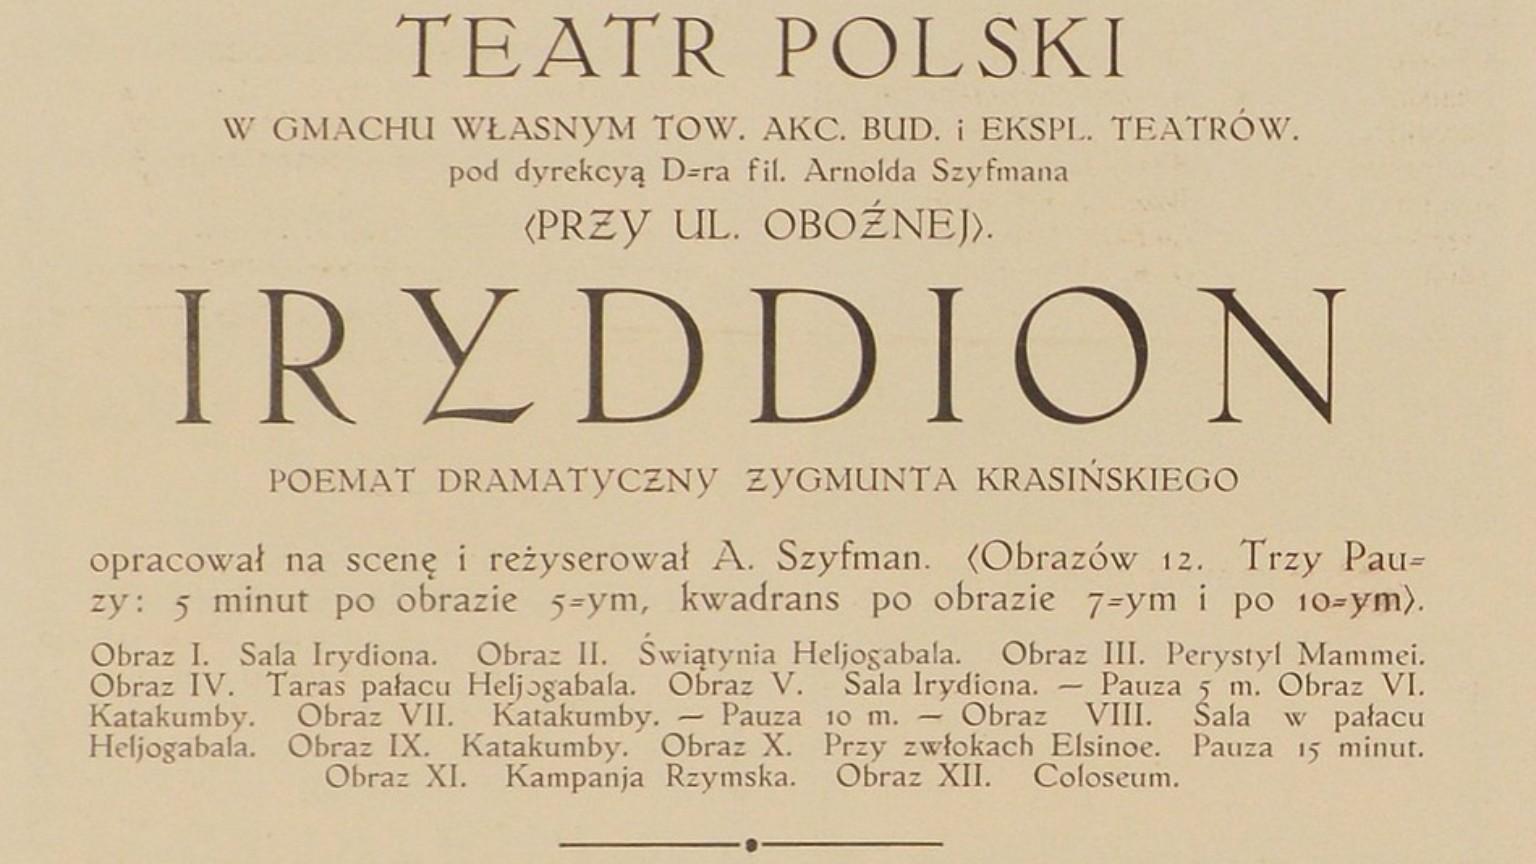 Zdjęcie dla kartki: Otwarcie Teatru Polskiego